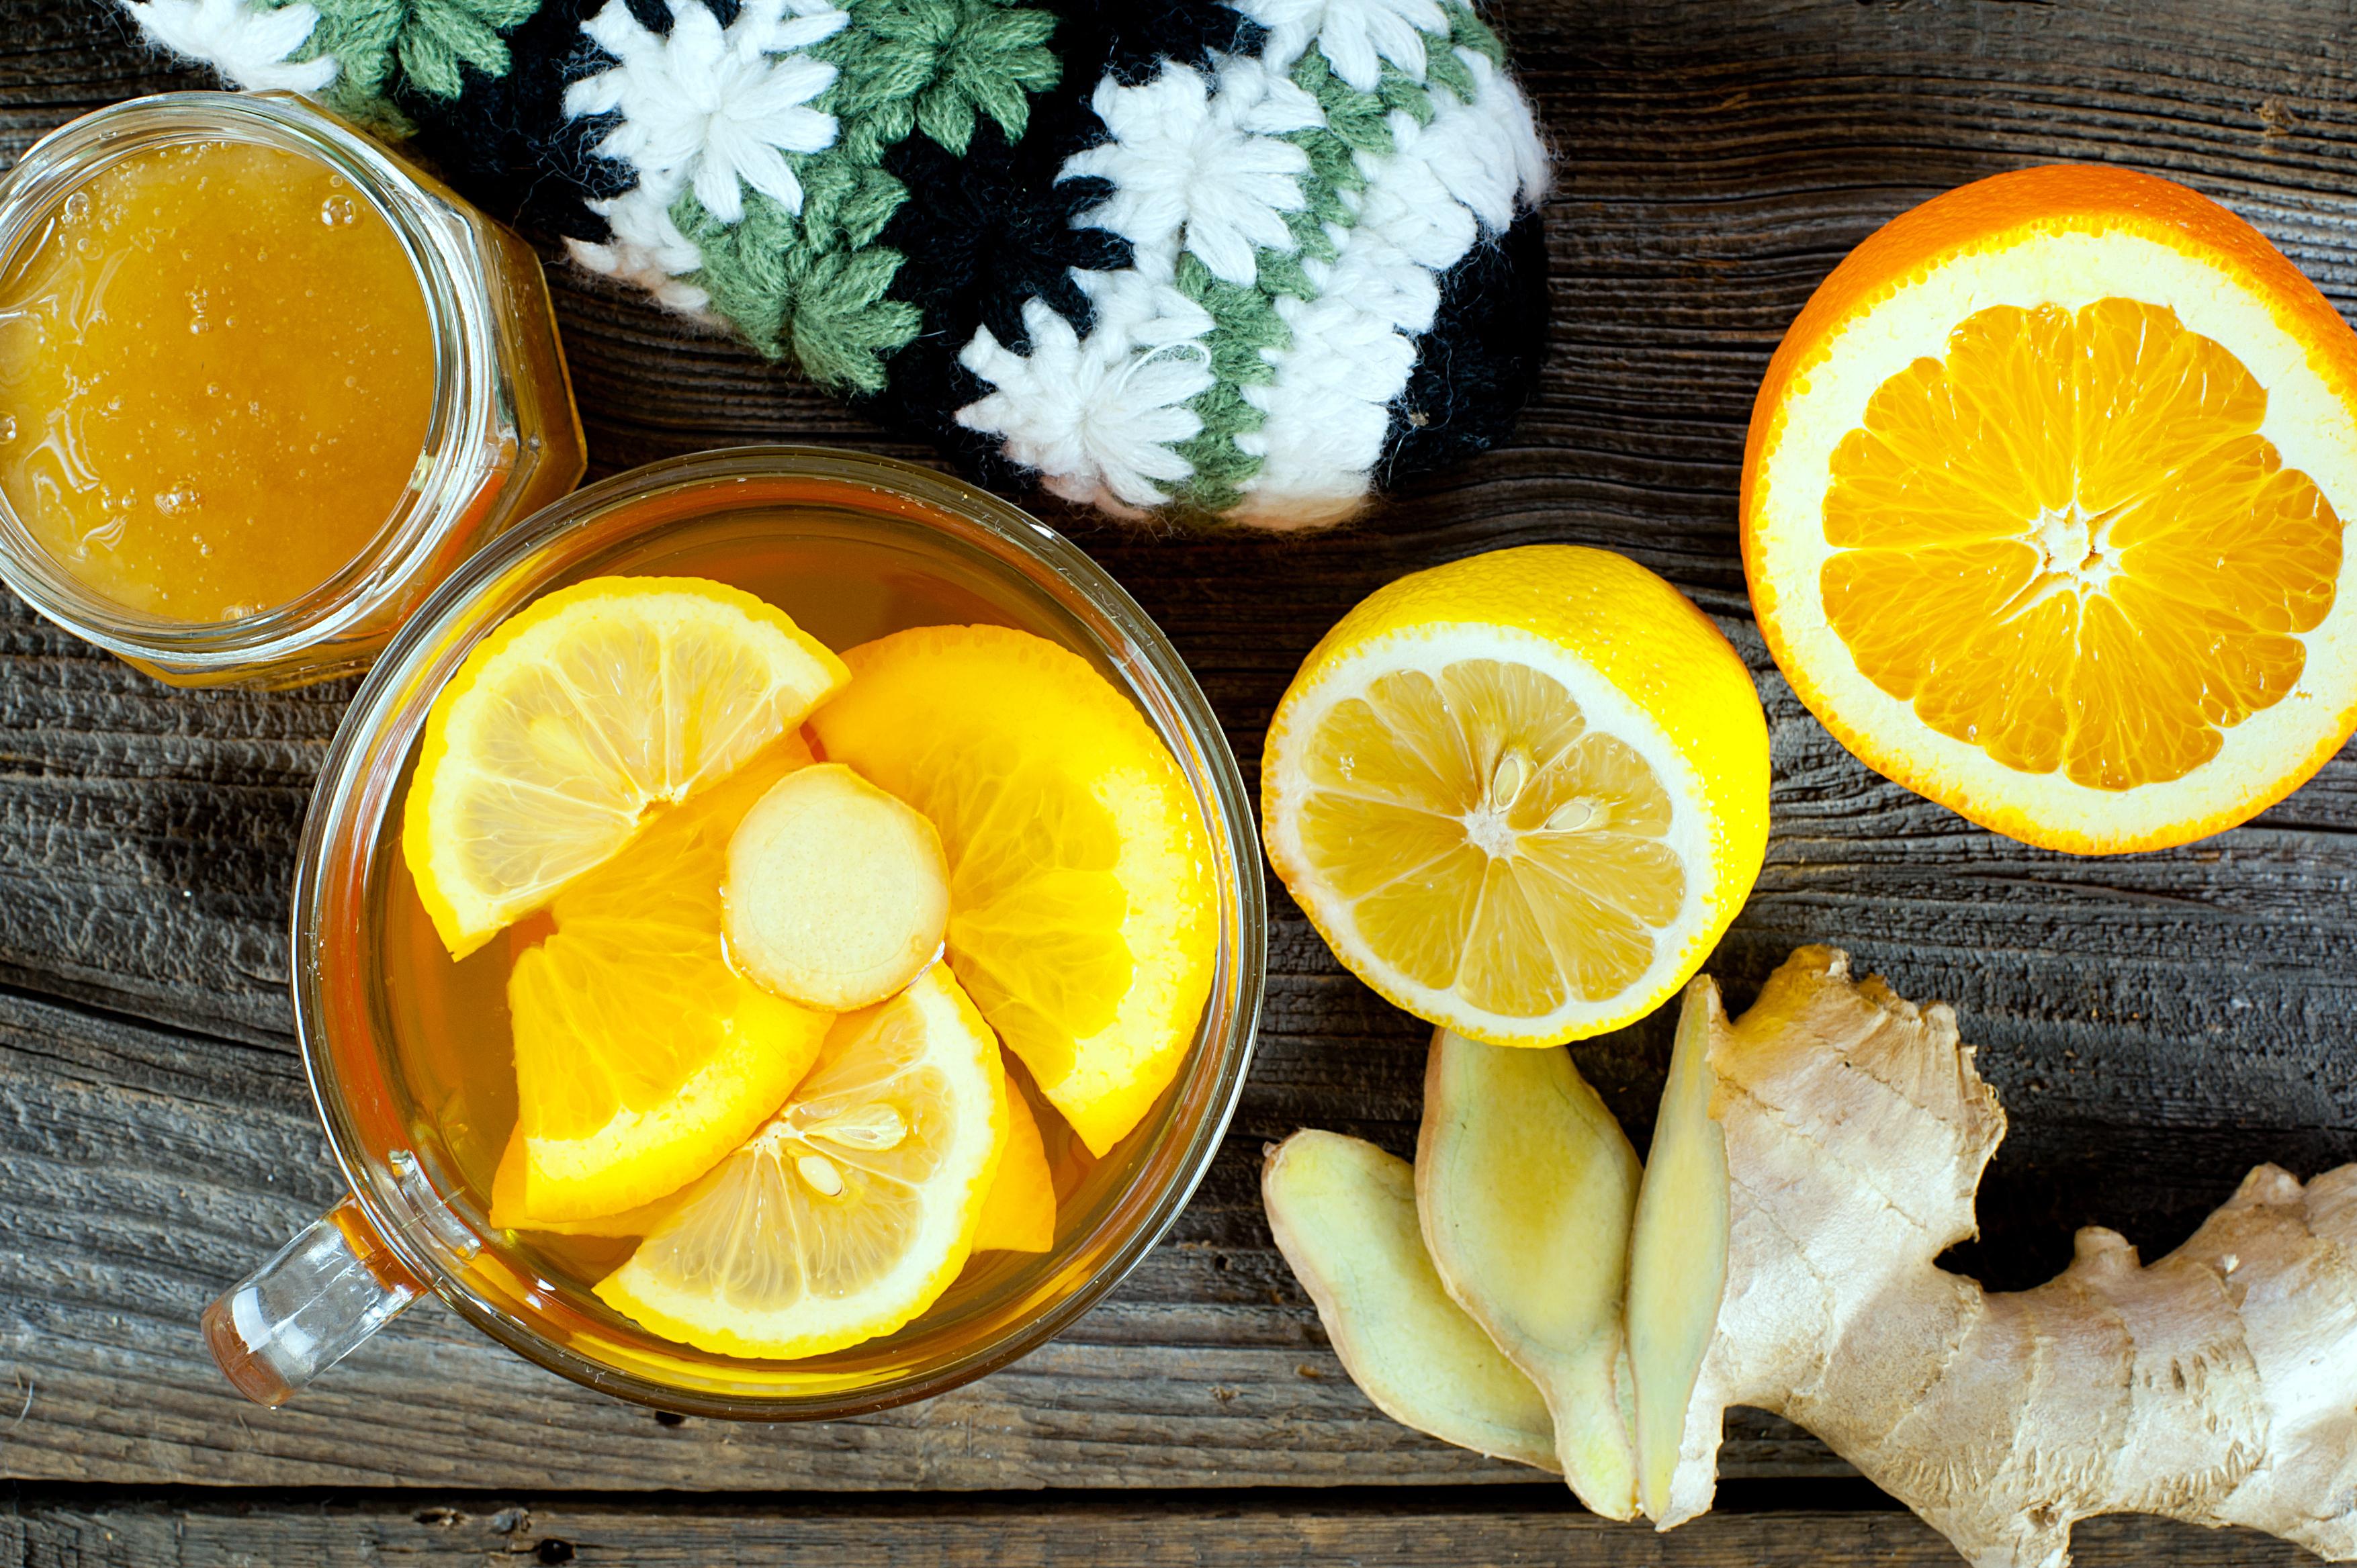 Rozgrzewająca herbata z imbirem i pomarańczą